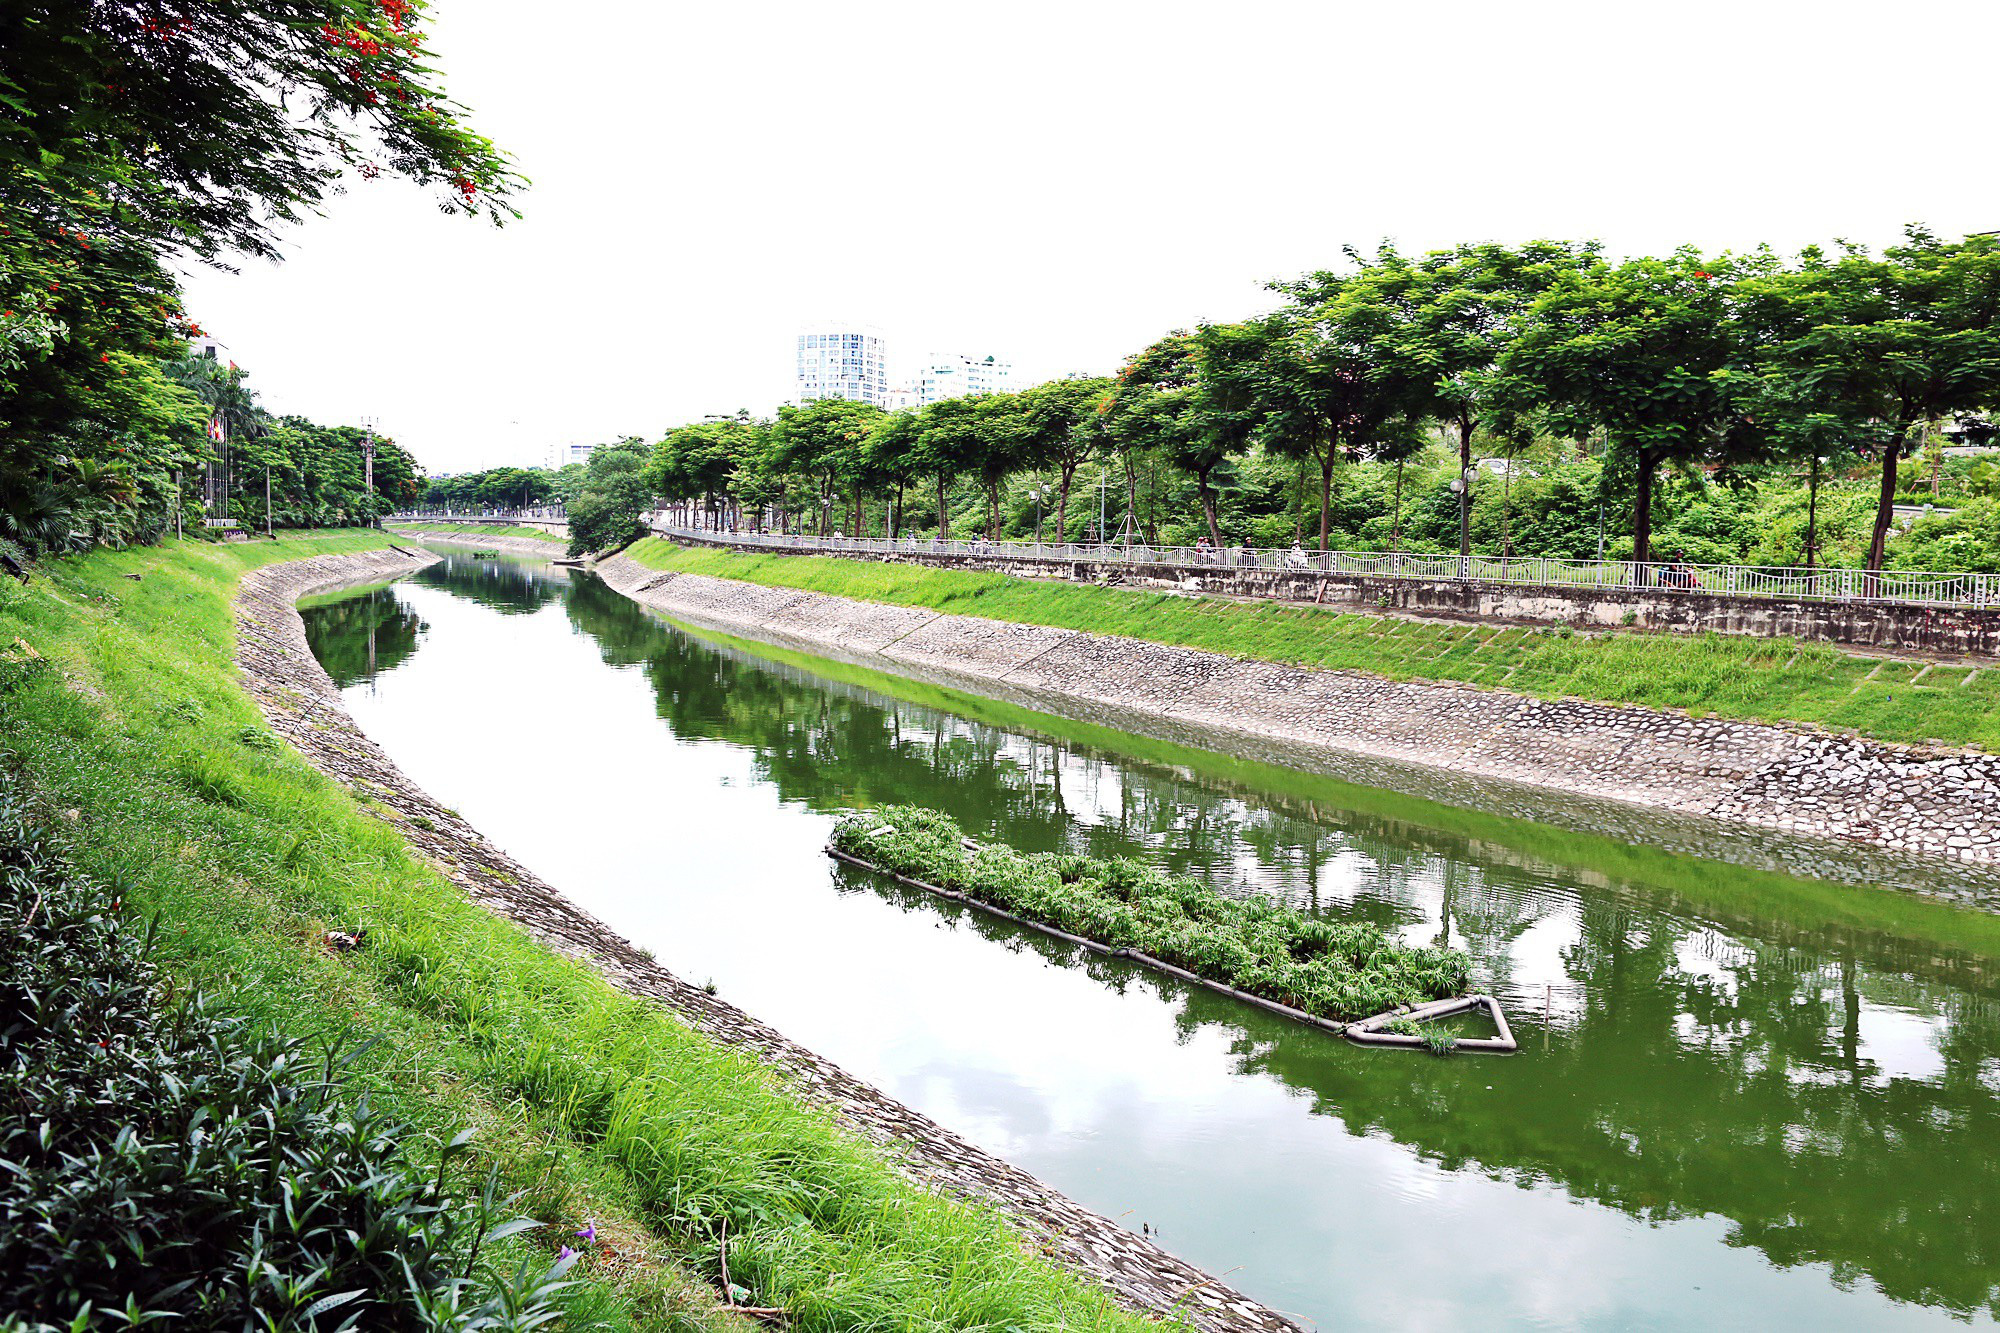 Đề xuất cải tạo sông Tô Lịch thành công viên lịch sử - văn hóa - tâm linh: Chuyên gia nói gì? - Ảnh 1.